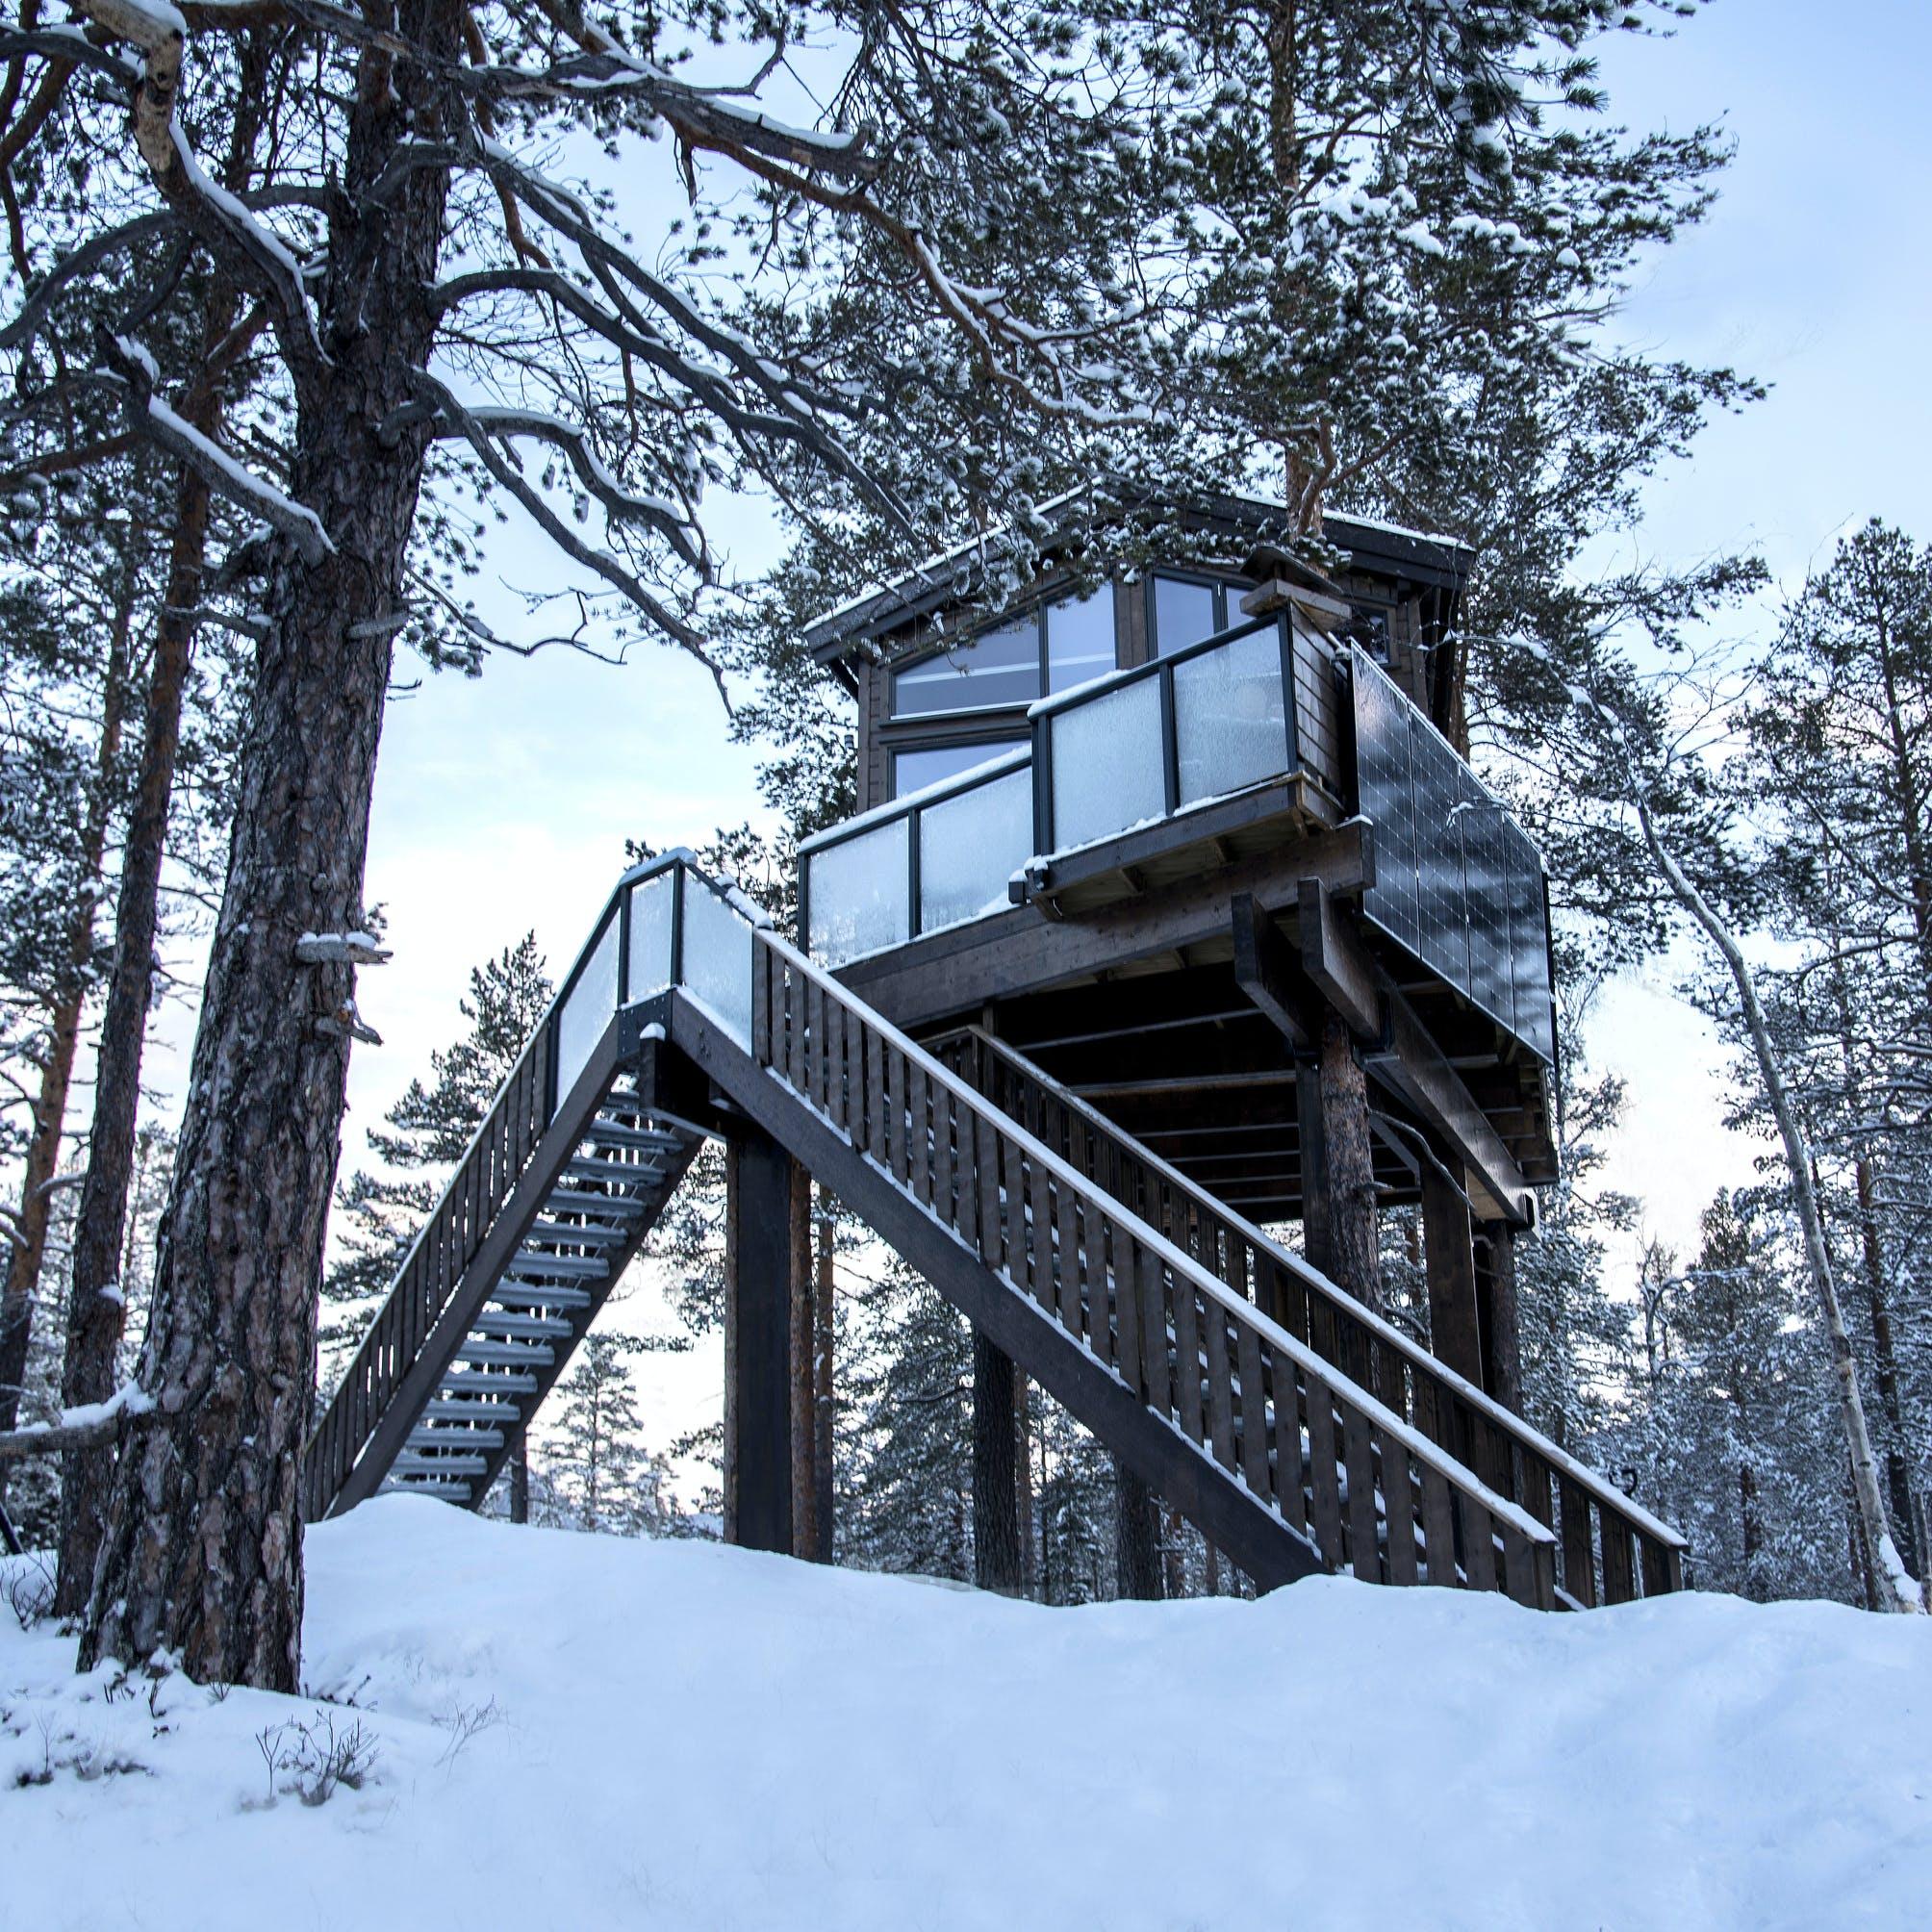 tretopphytte i snøen